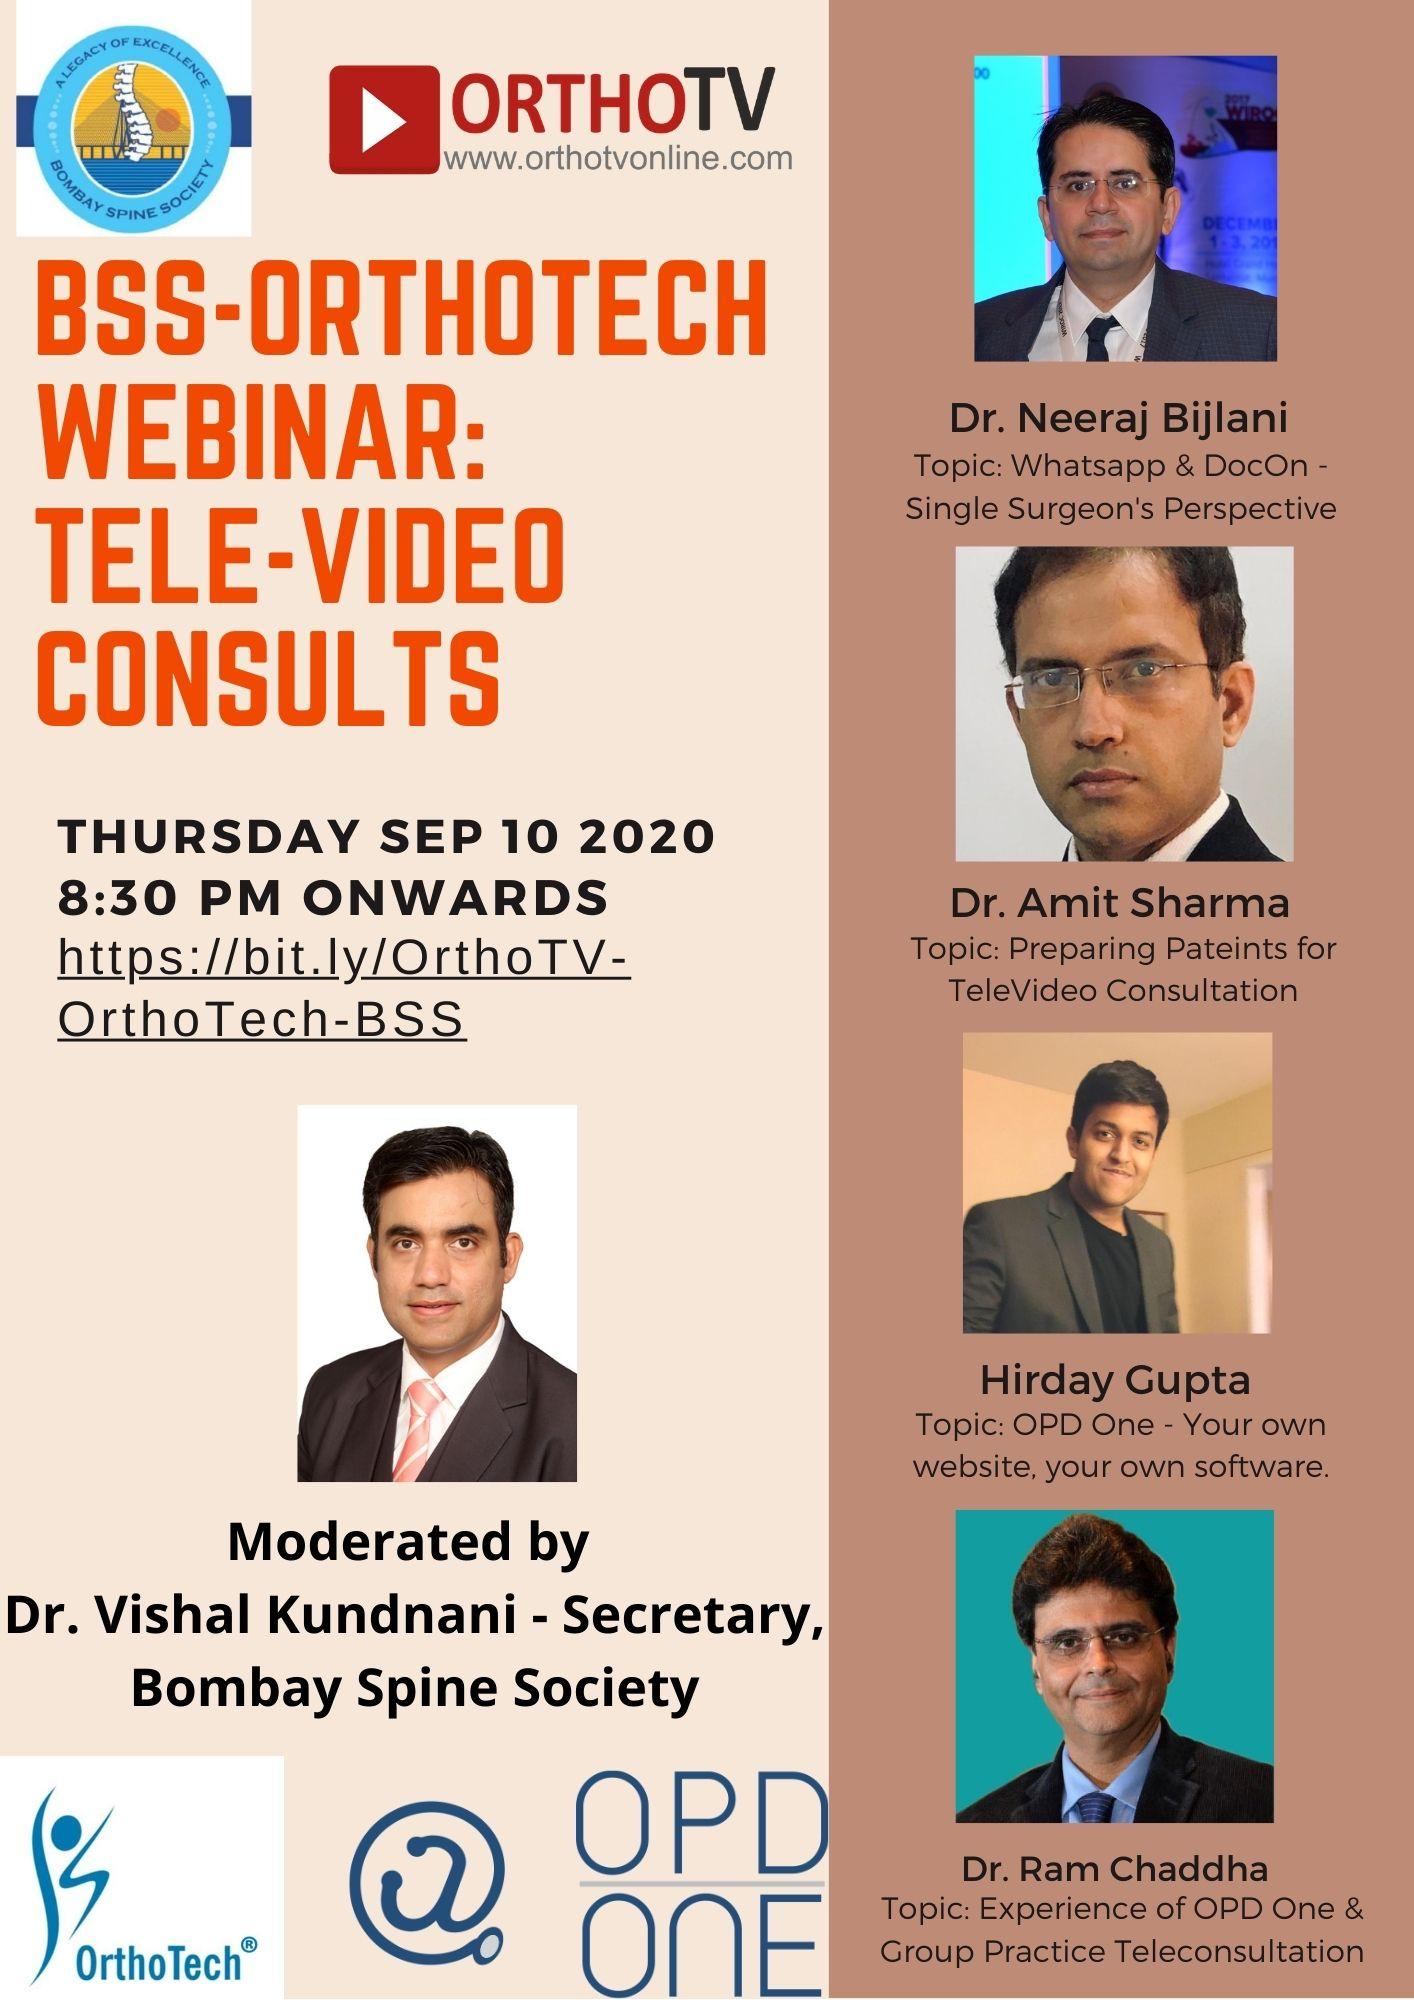 - bss orthotech webinar - BSS – OrthoTech Webinar on Tele-Video Consultation